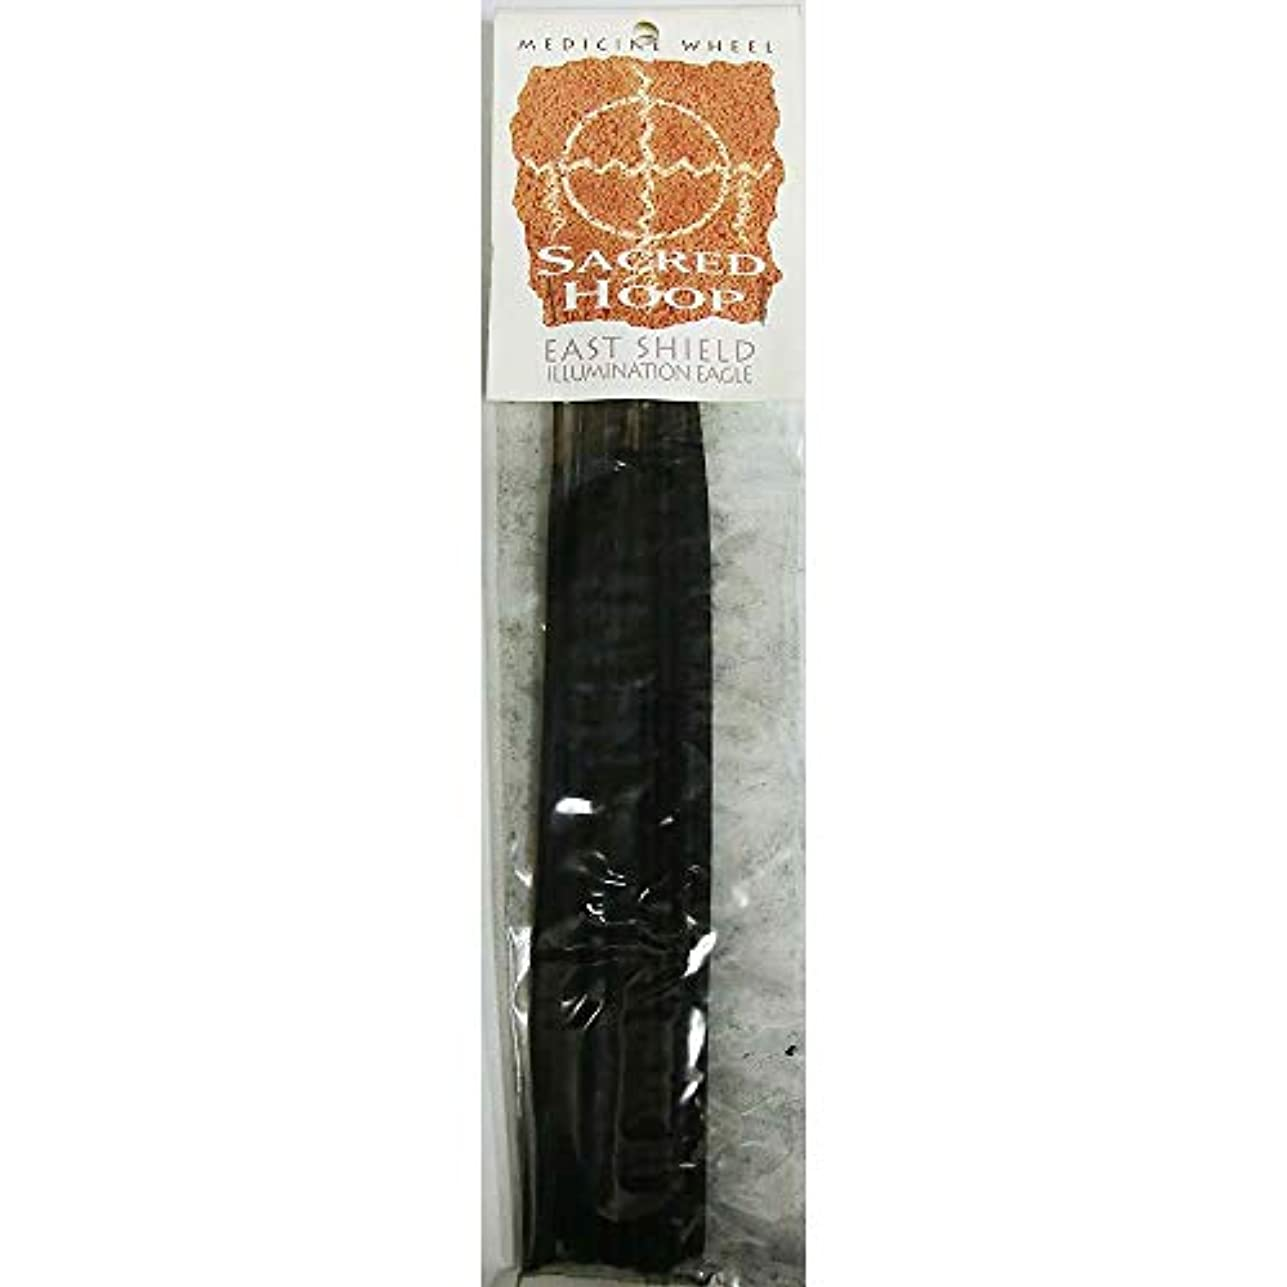 お香 Medicine Wheel Sacred Hoop East Shield Illumination Eagle インセンス魔法のお香